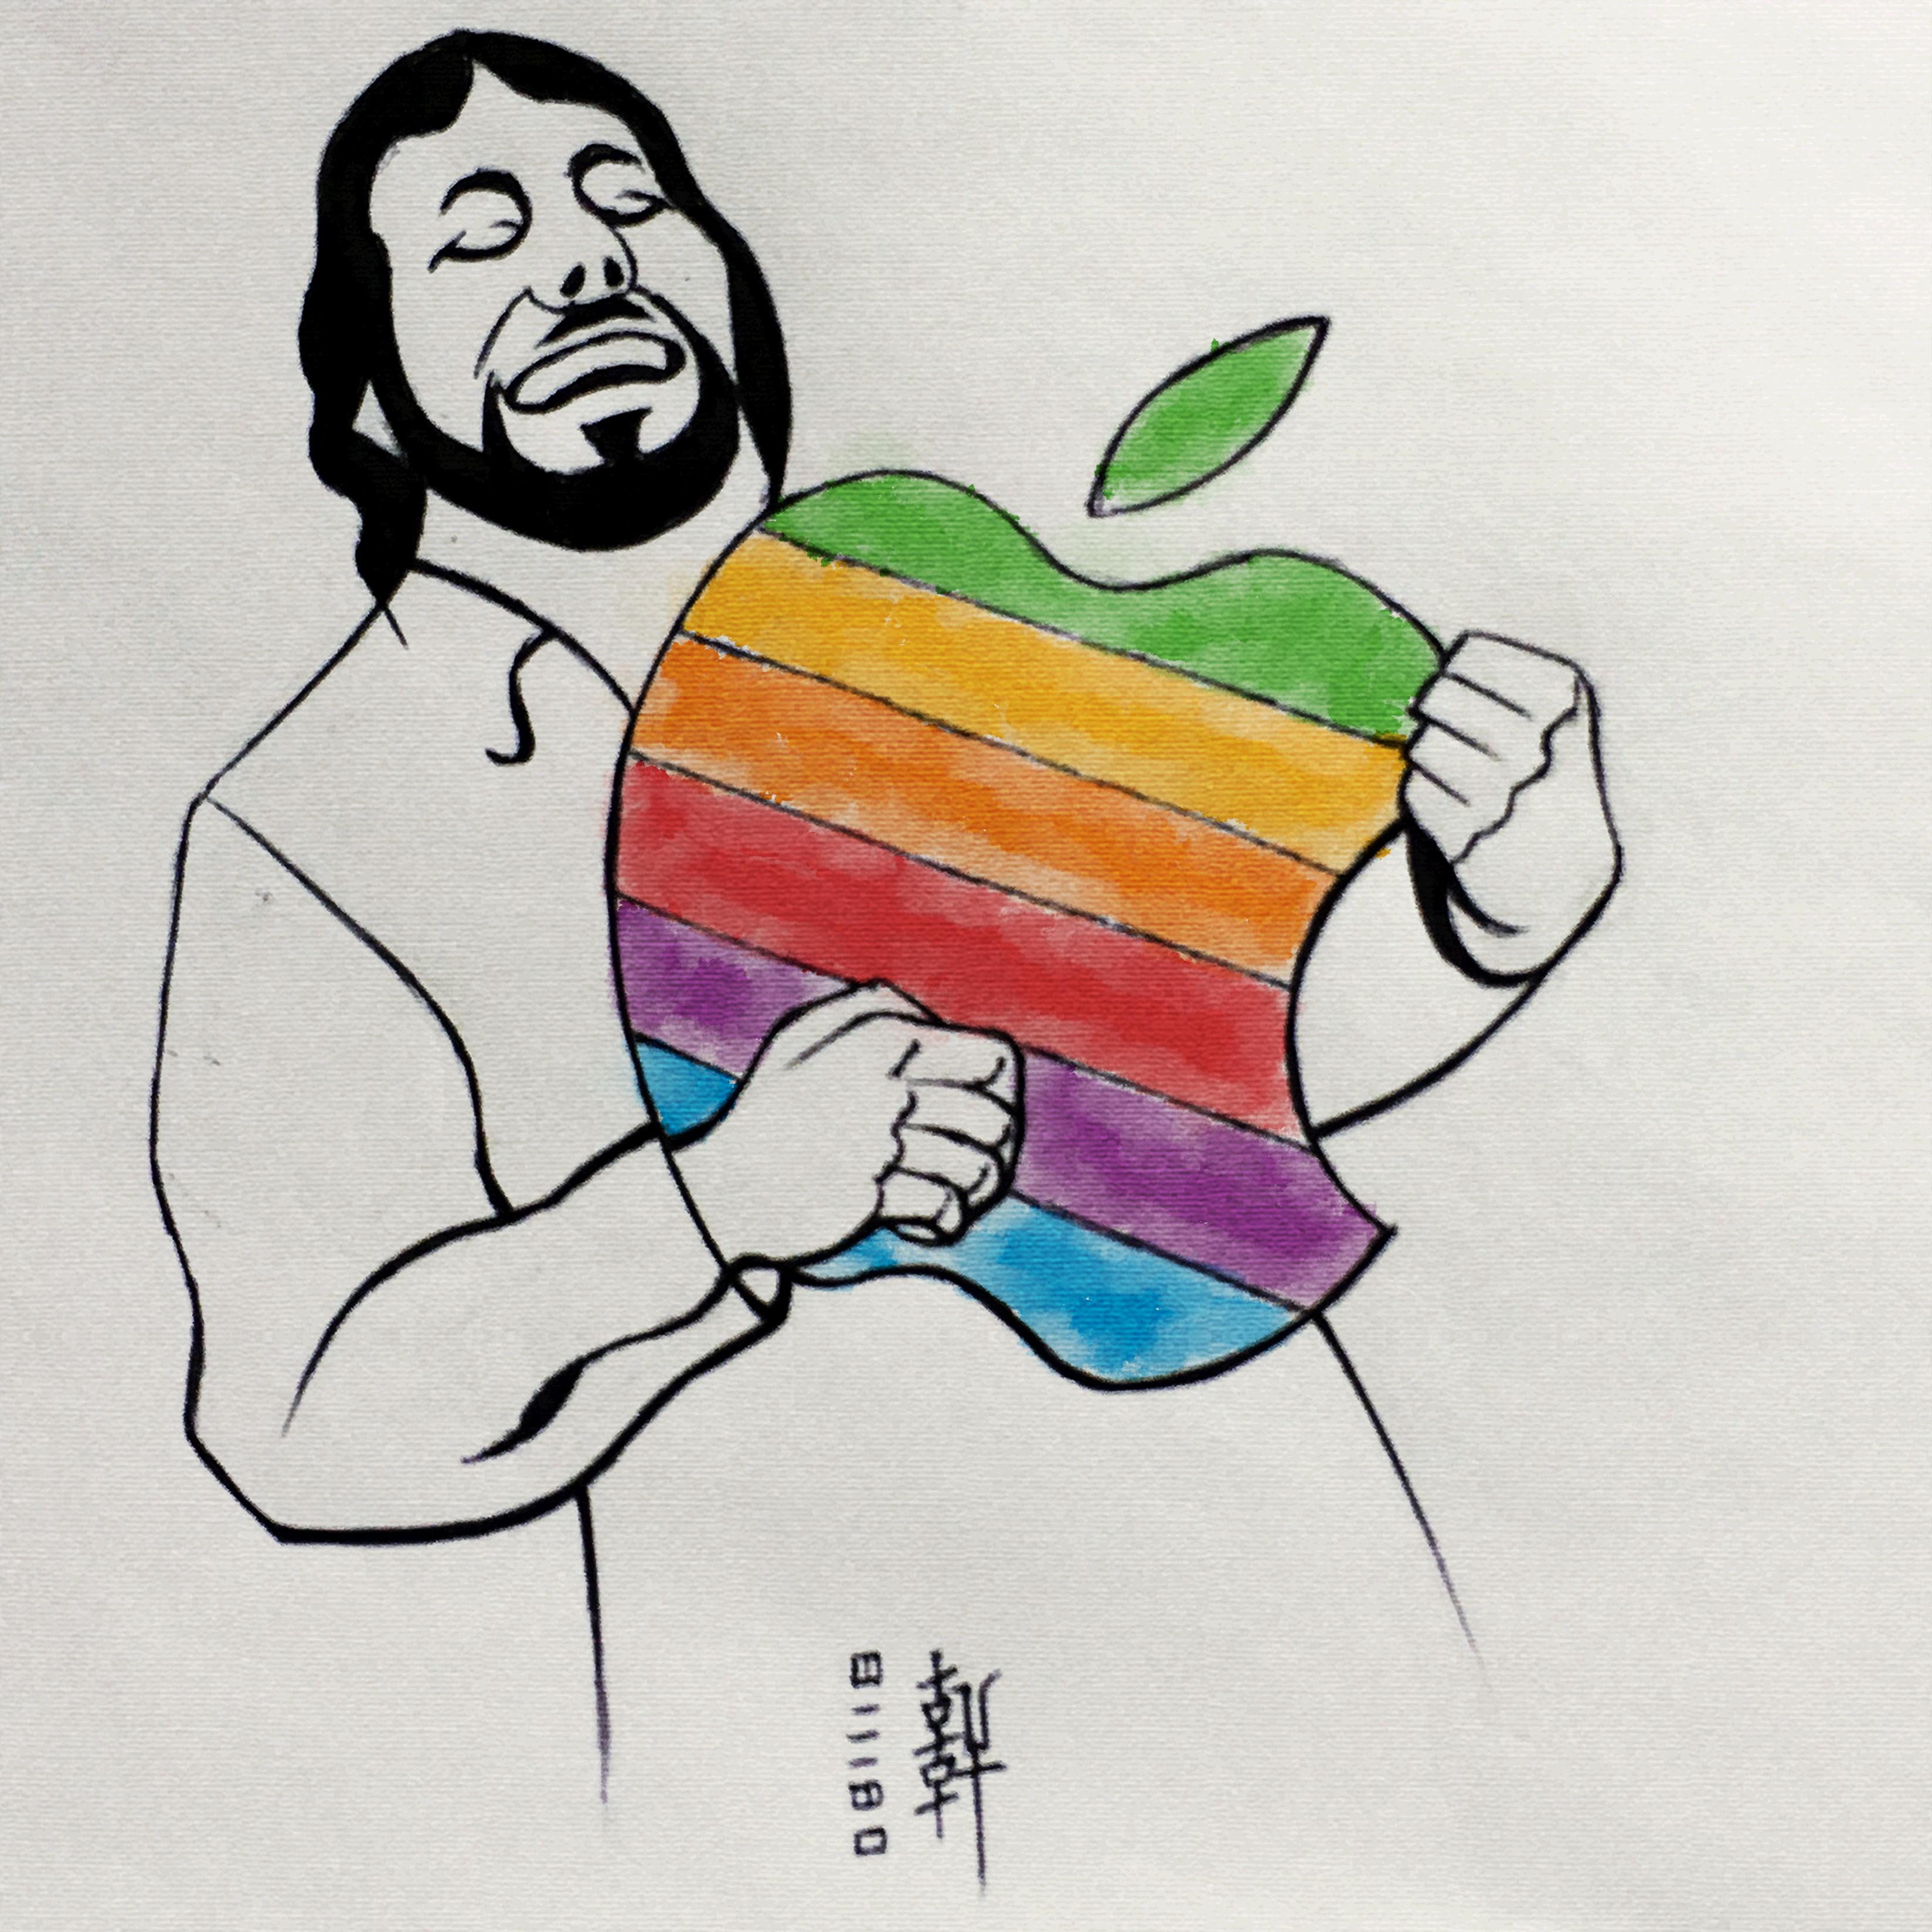 Day 08-11-18 - Steve Wozniak